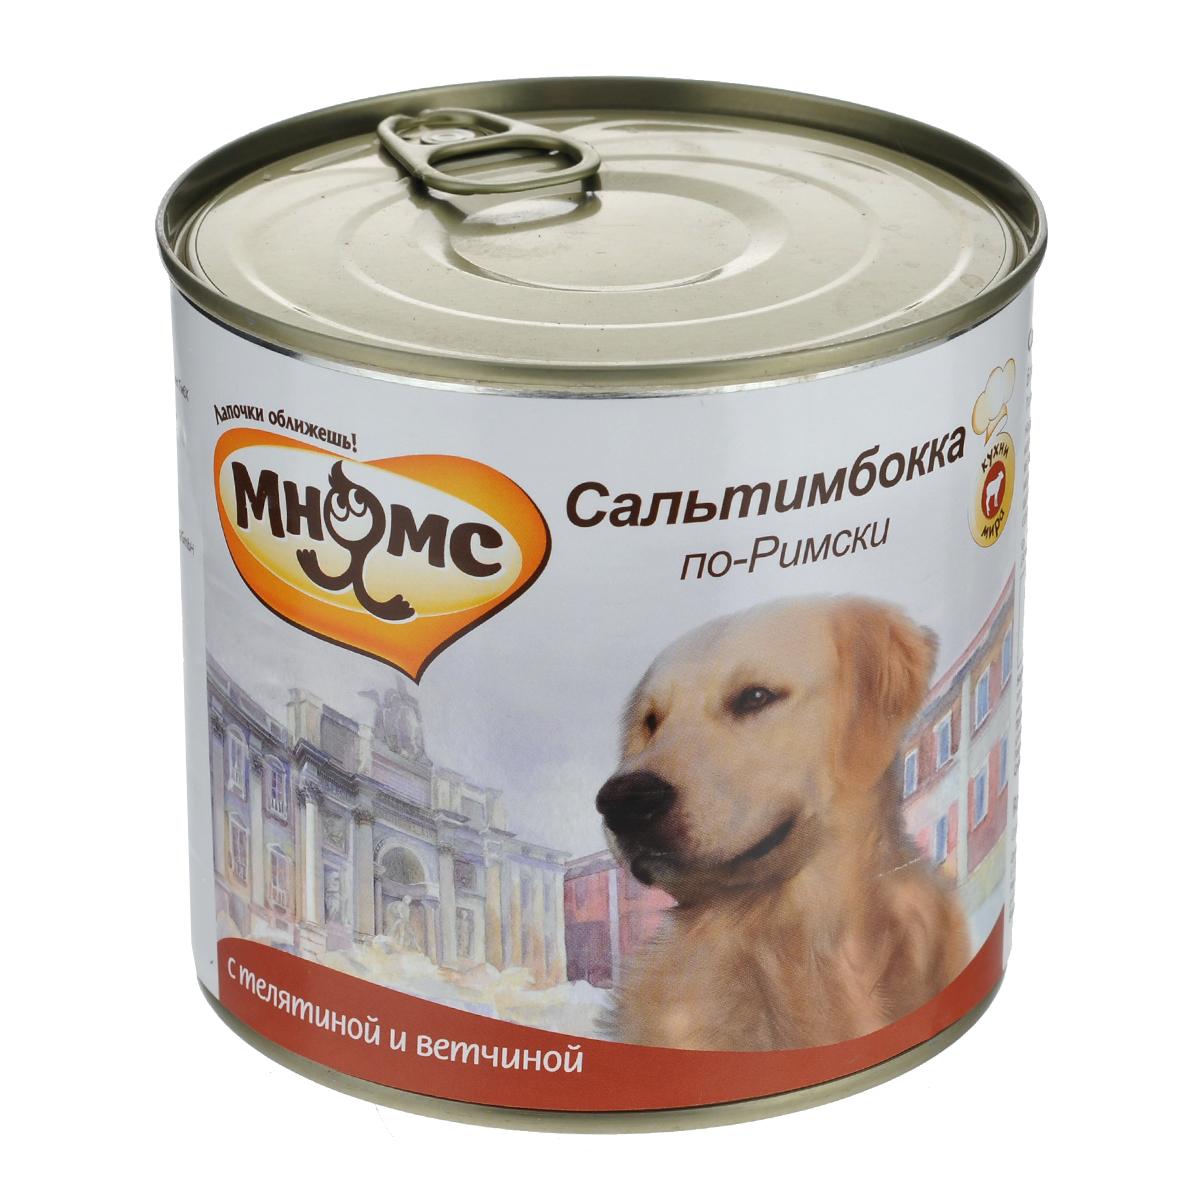 Консервы для собак Мнямс Сальтимбокка по-римски, телятина и ветчина, 600г - Маркетплейс goods.ru